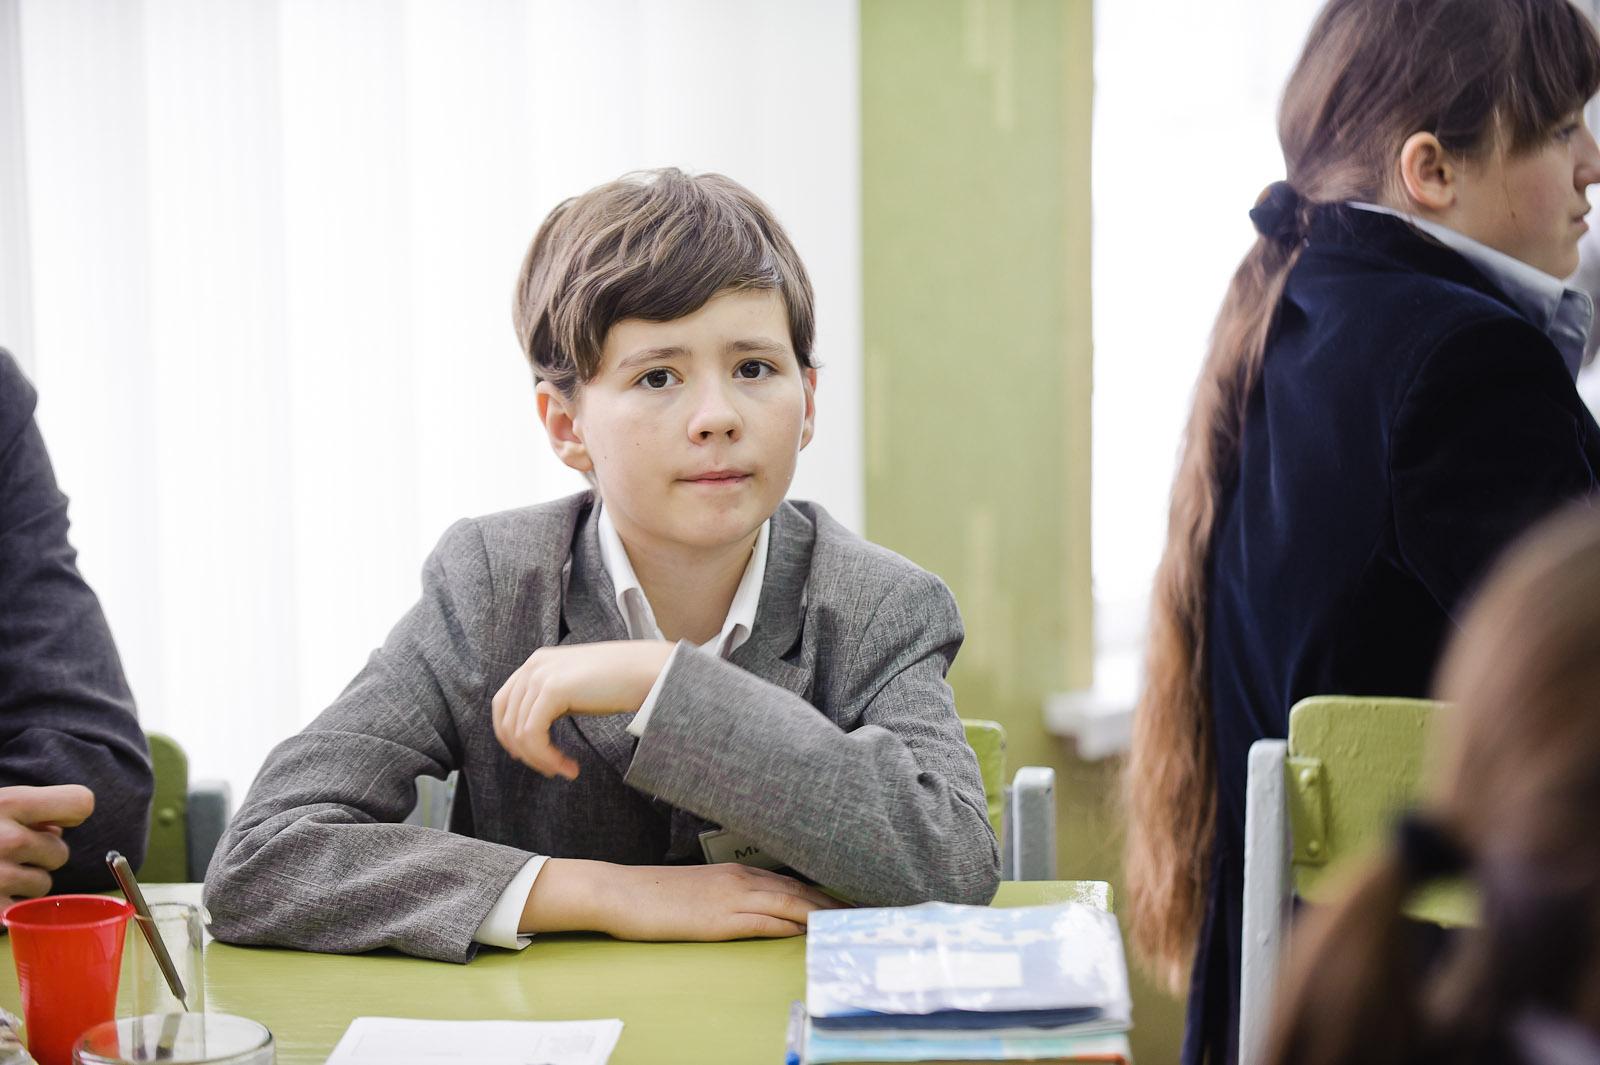 Город выделит более 6 миллионов гривен на учебники для 4-7 классов